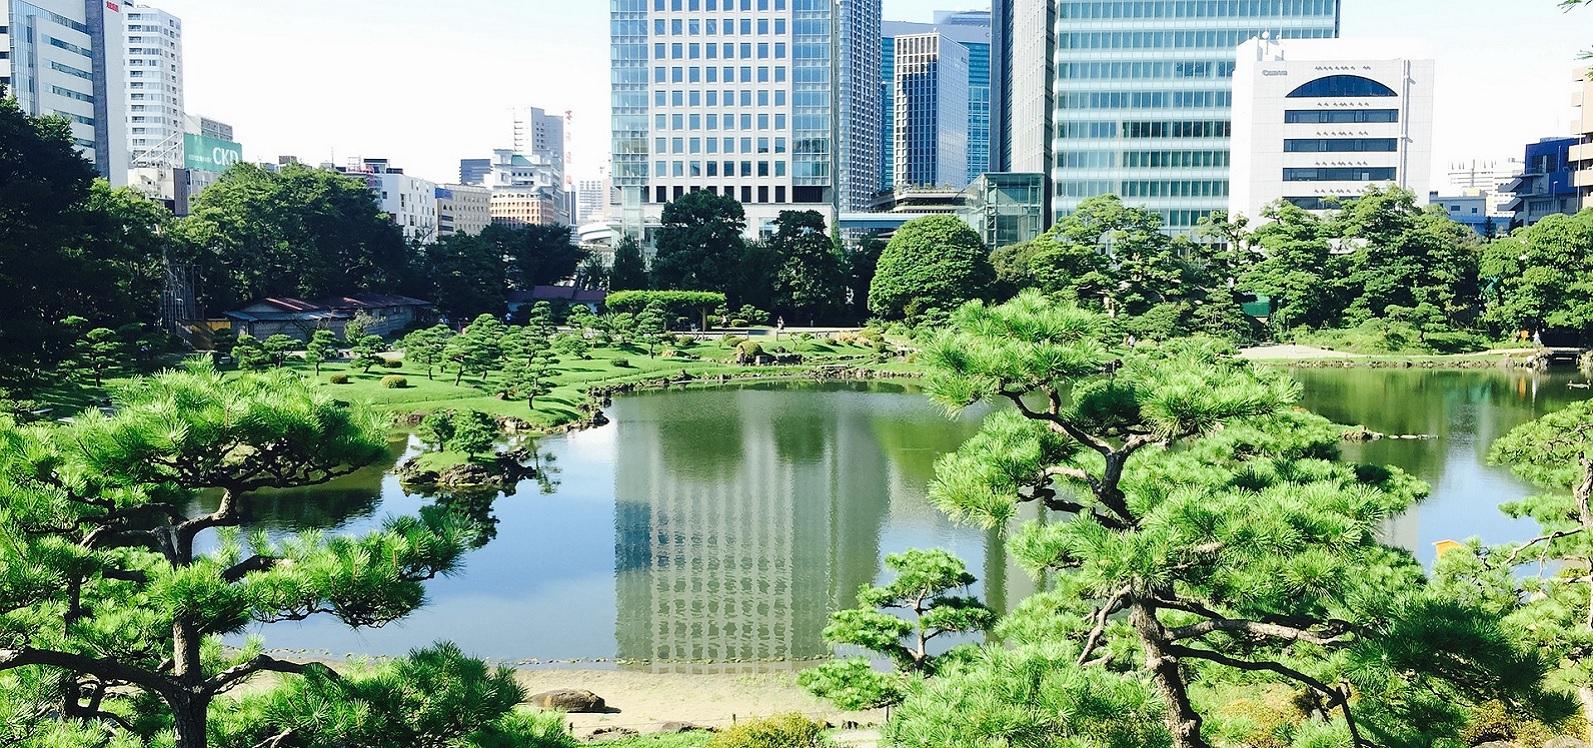 Ogród w parku w Tokyo